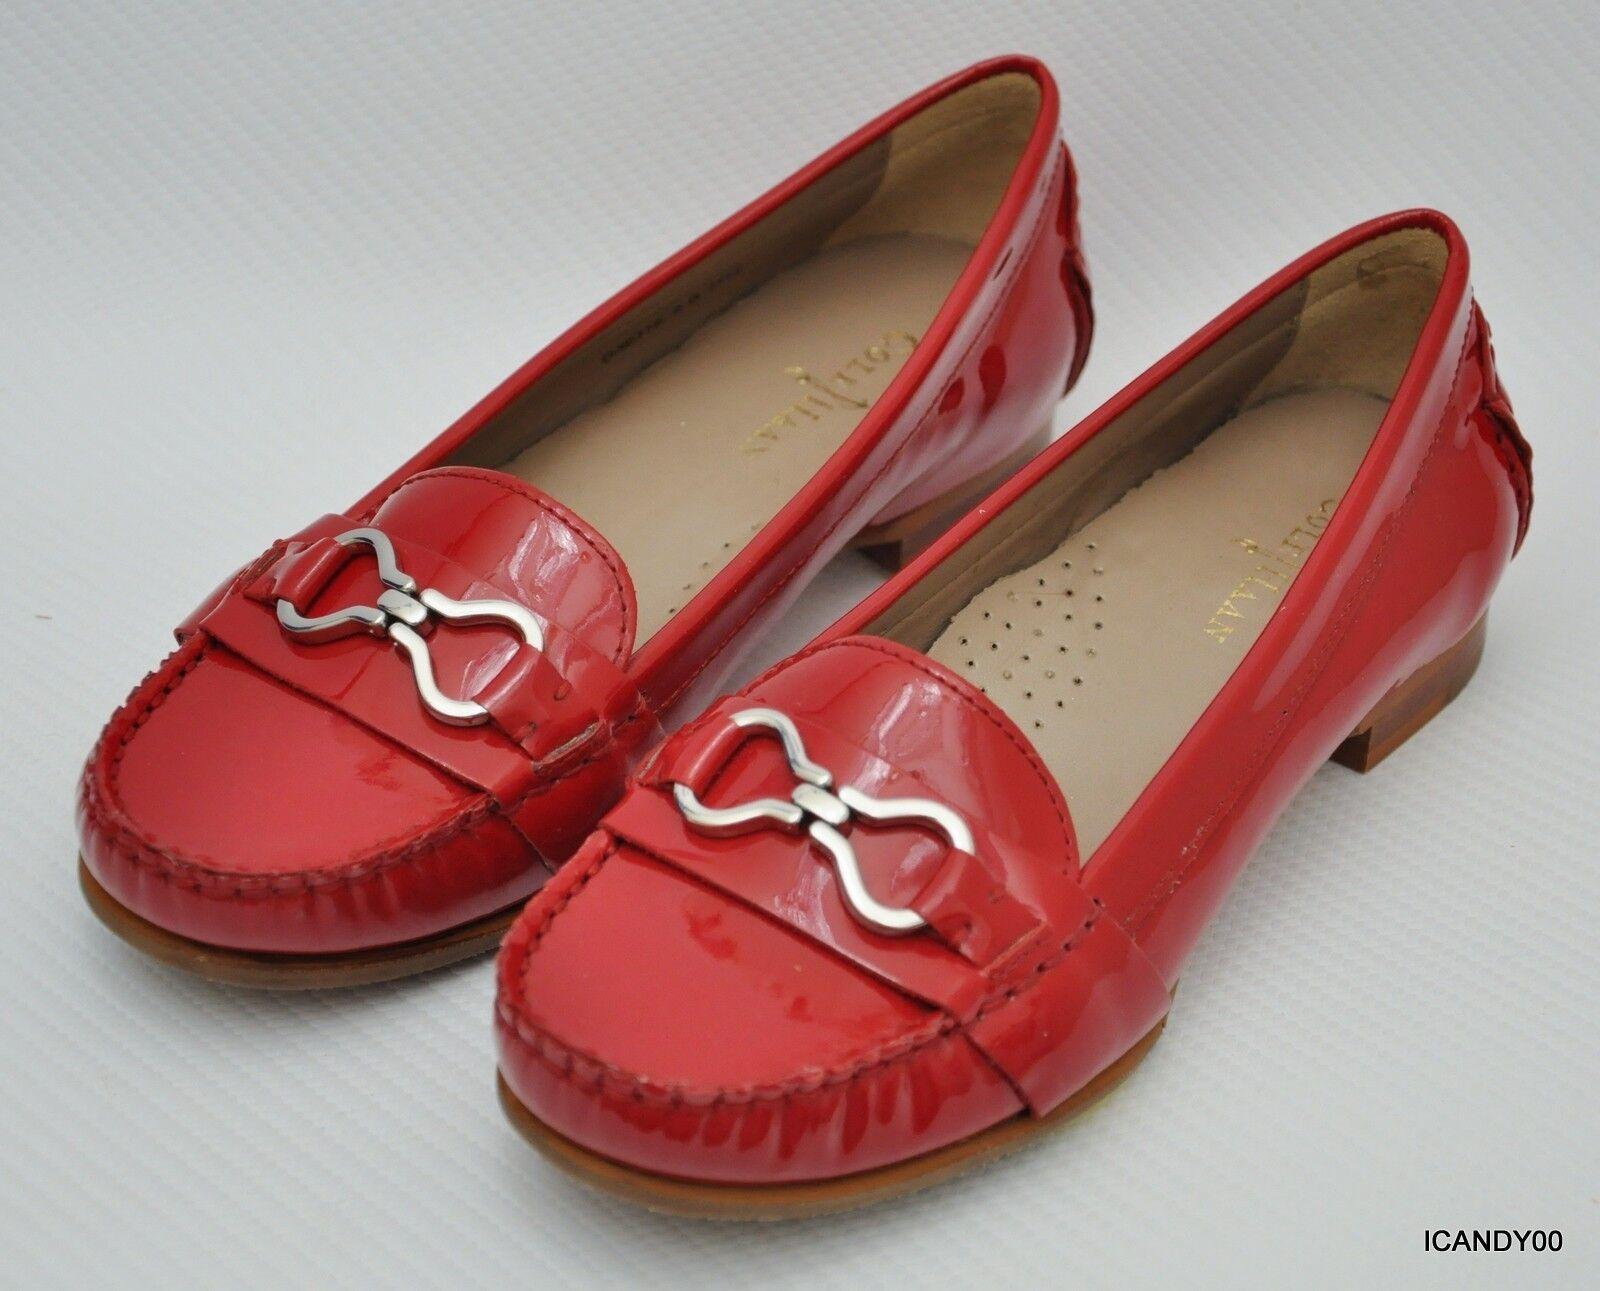 Nuevo Cole Haan Air Marlee Marlee Marlee Infinity patente Mocasín Moc Slip-on Zapato Plano  Rojo  5  hermoso